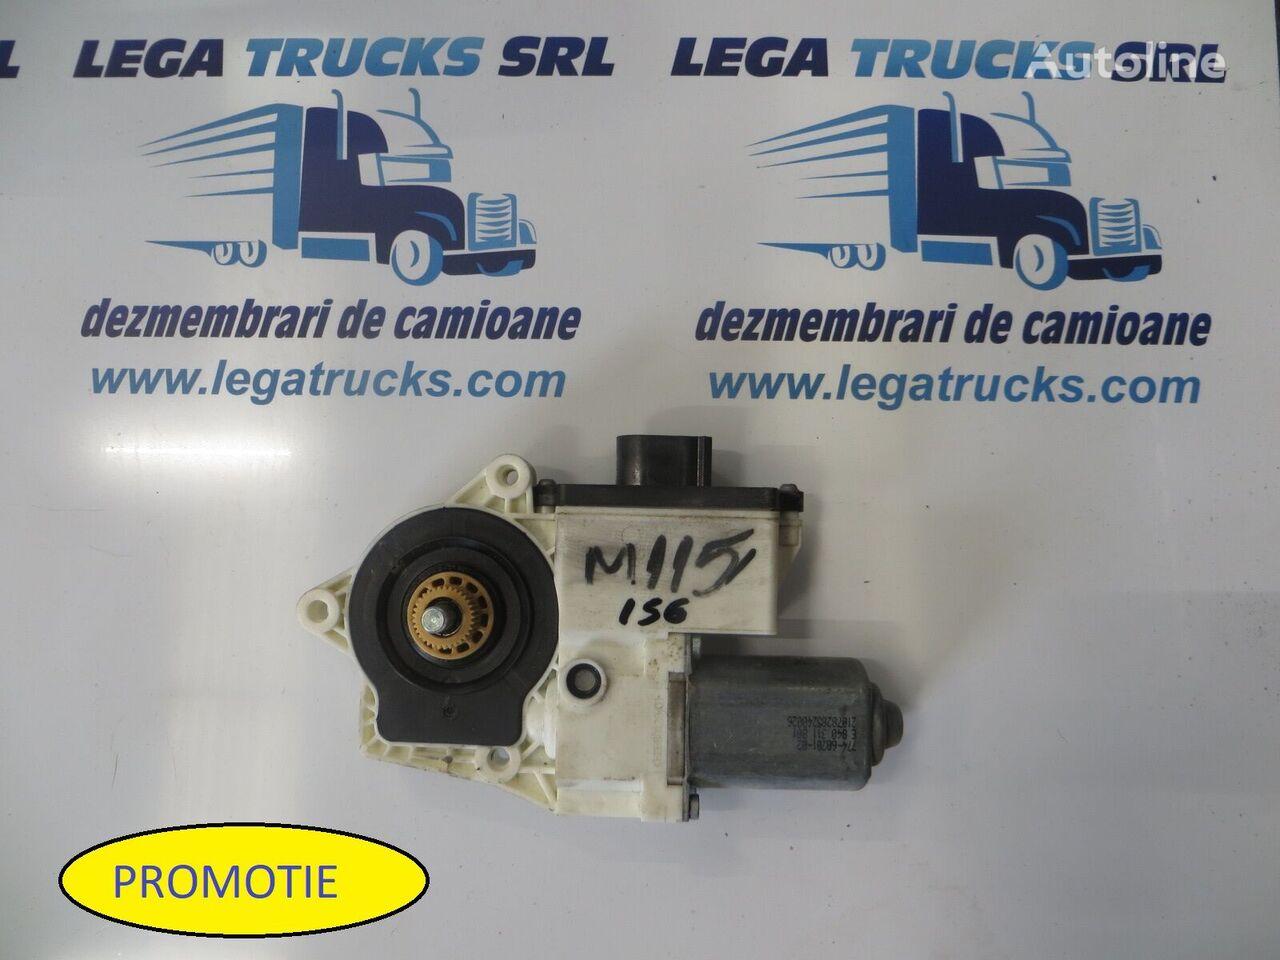 MAN 81286016137 (M115) elevalunas electrico para MAN TGX tractora